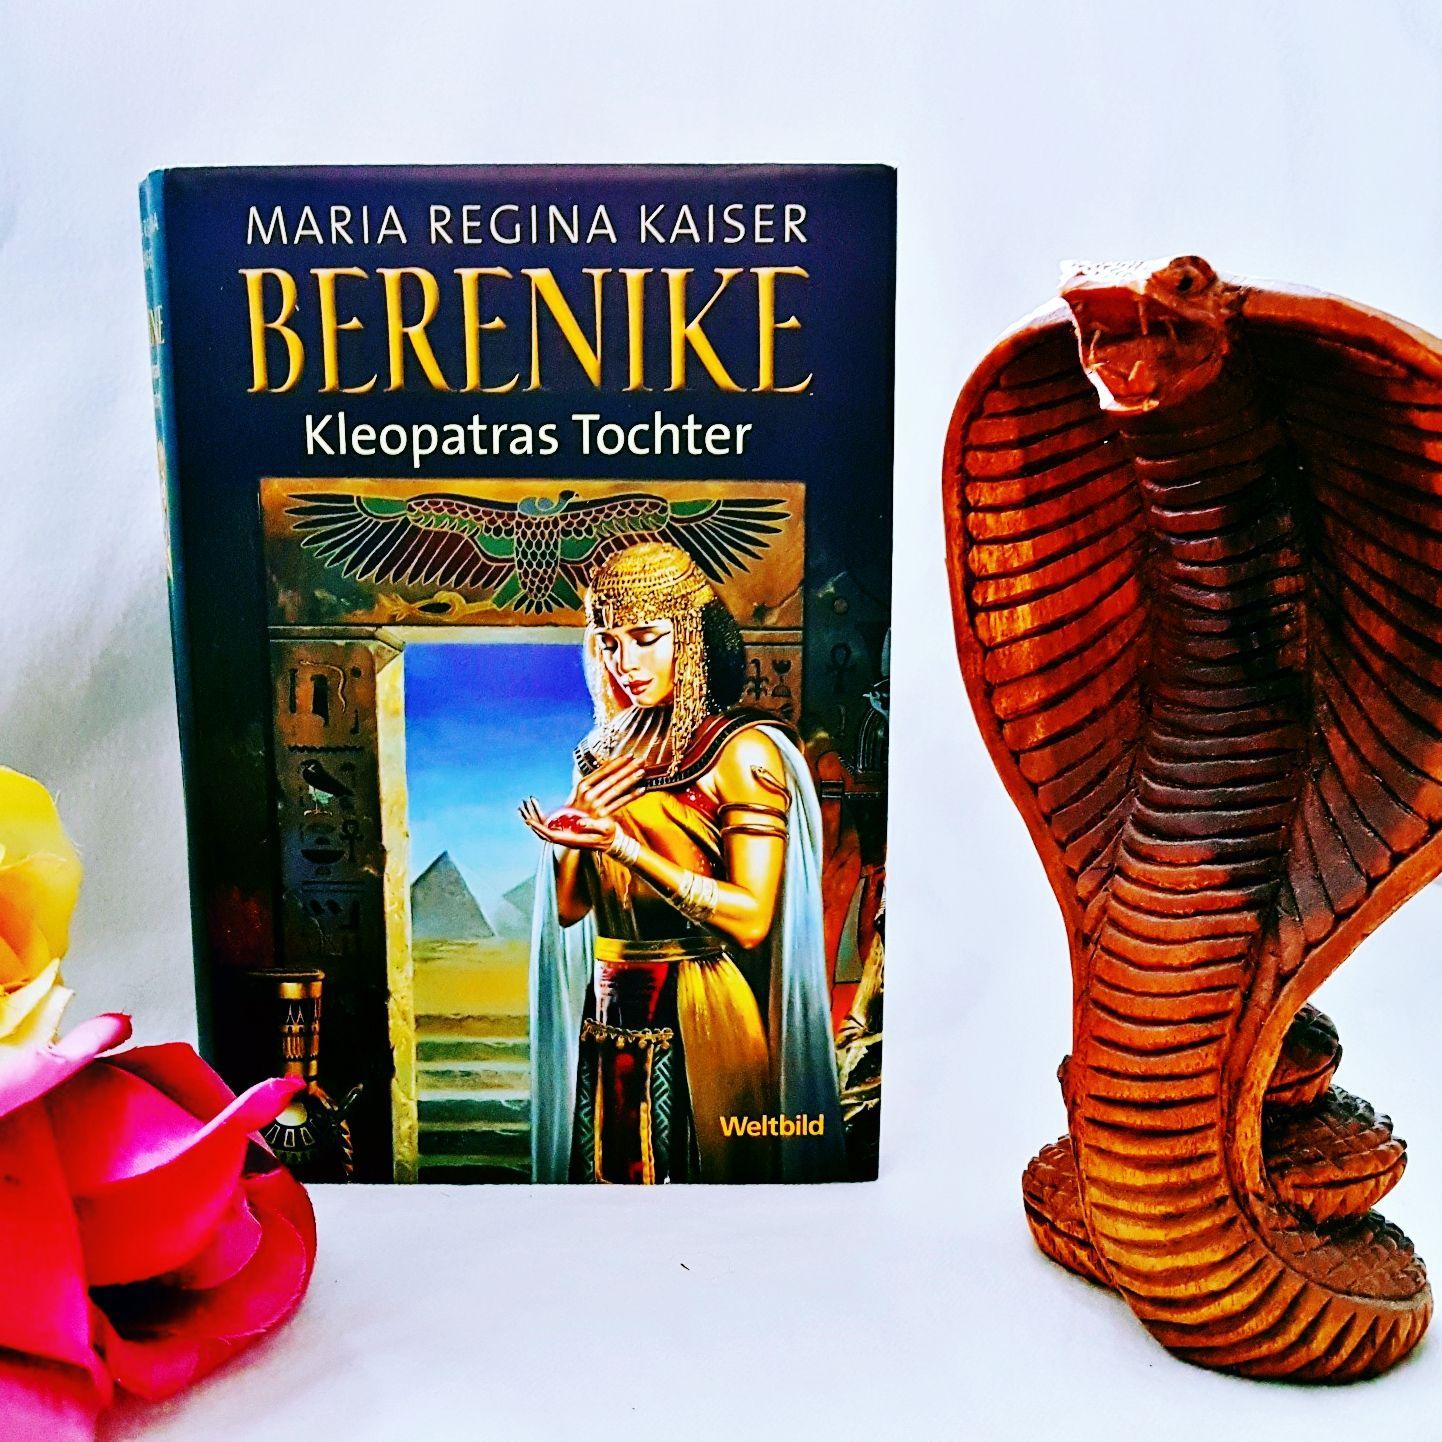 Berenike Kleopatras Tochter von Maria Regina Kaiser